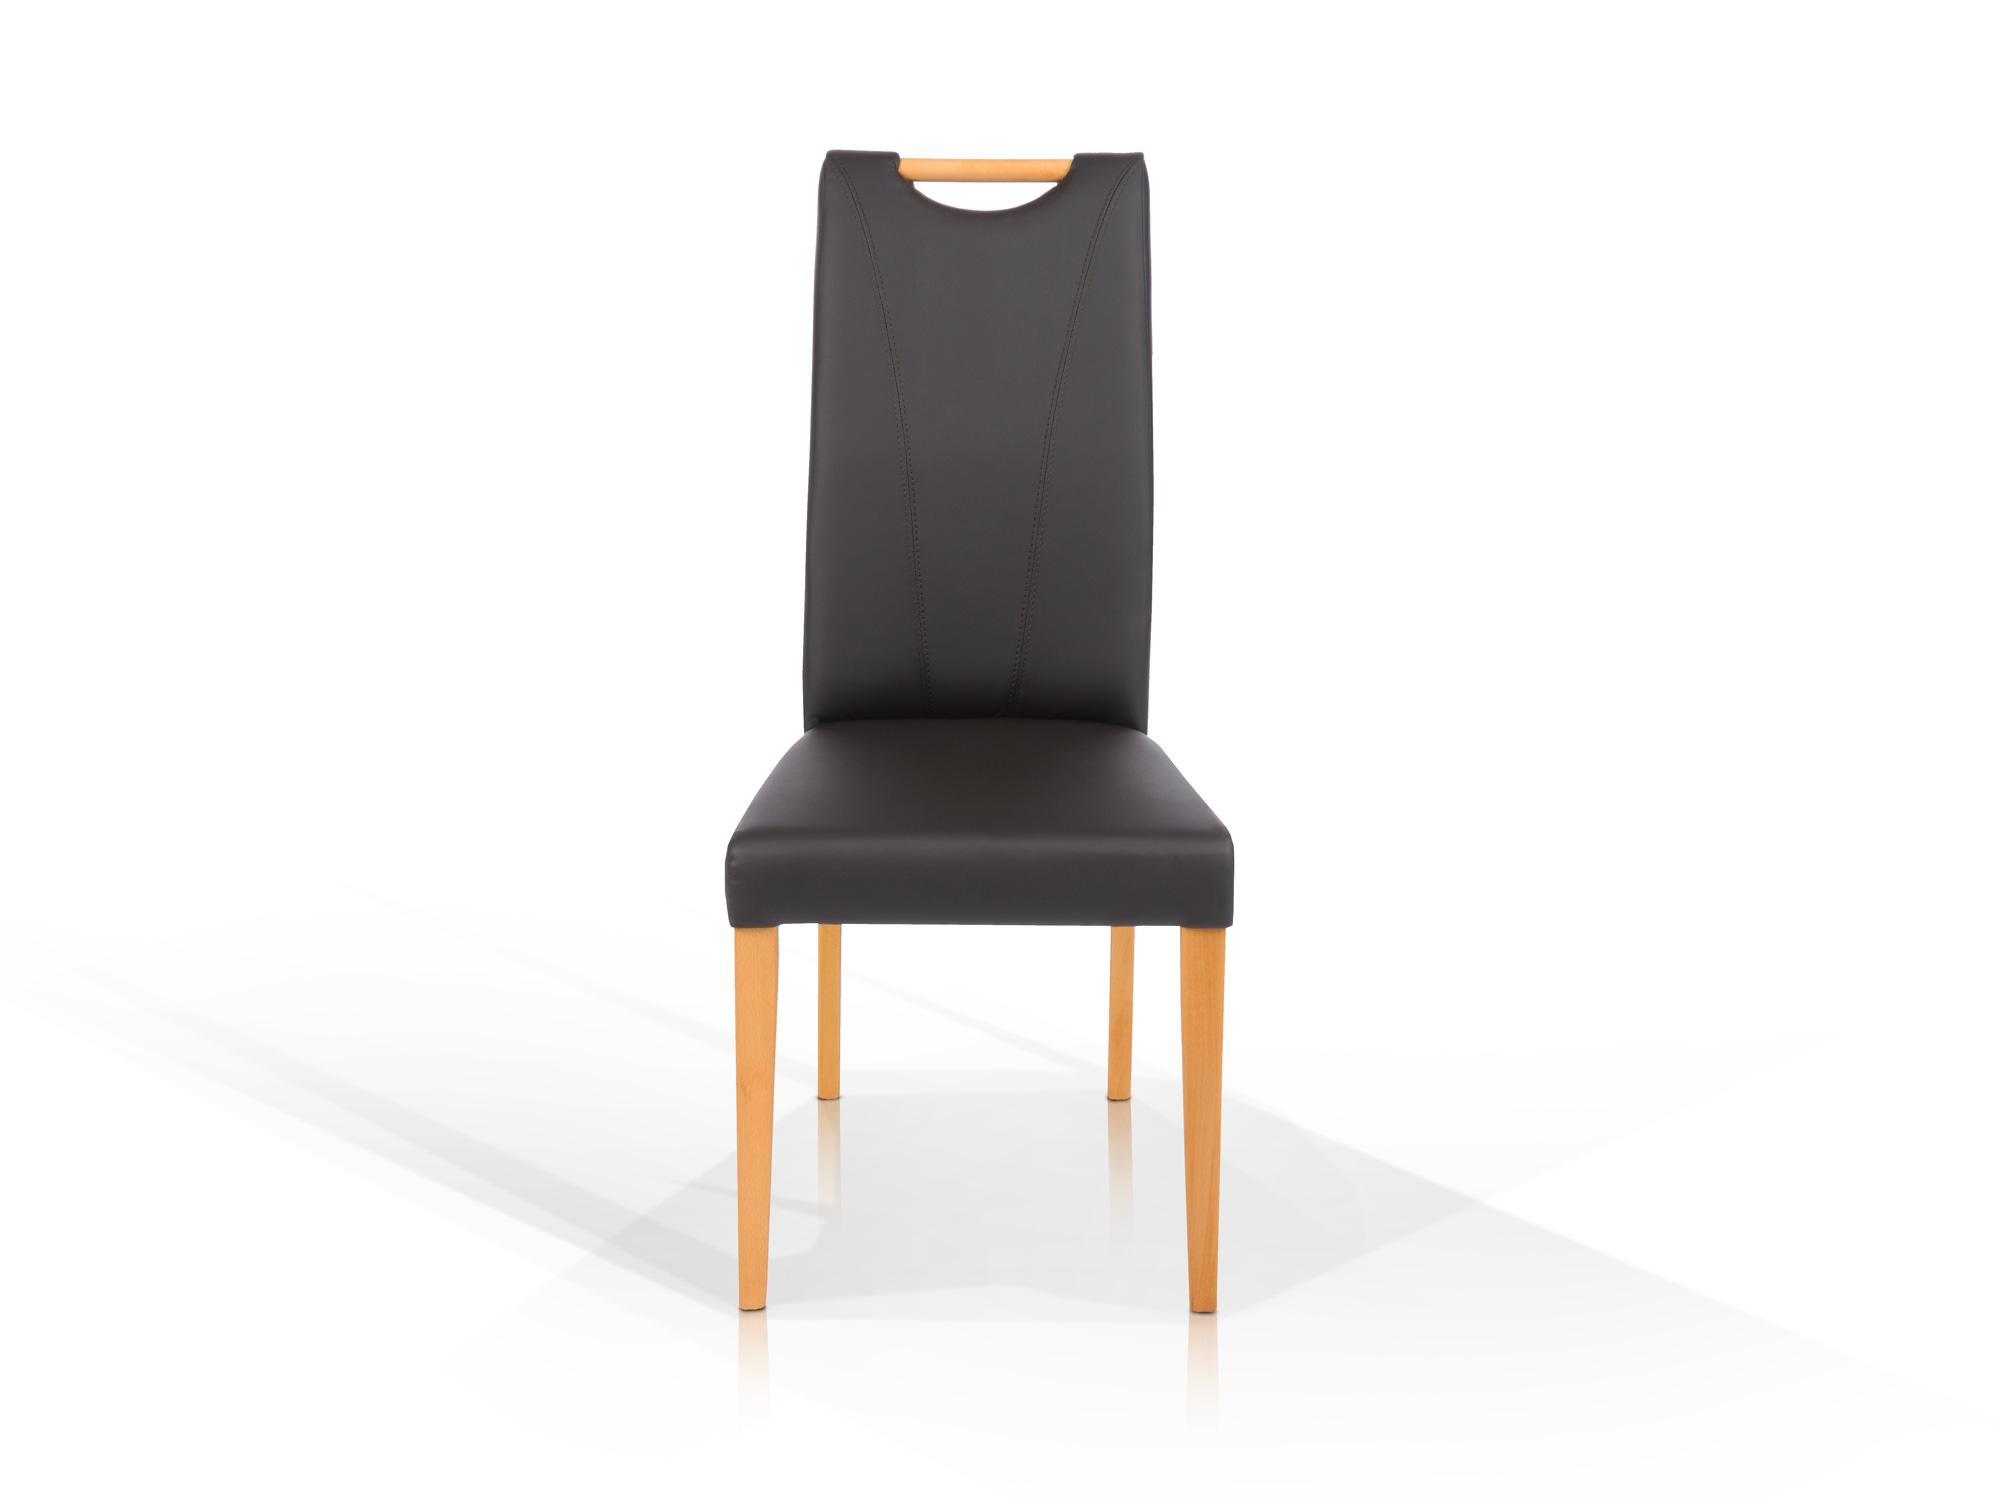 cassy polsterstuhl mit griff kunstleder schwarz. Black Bedroom Furniture Sets. Home Design Ideas